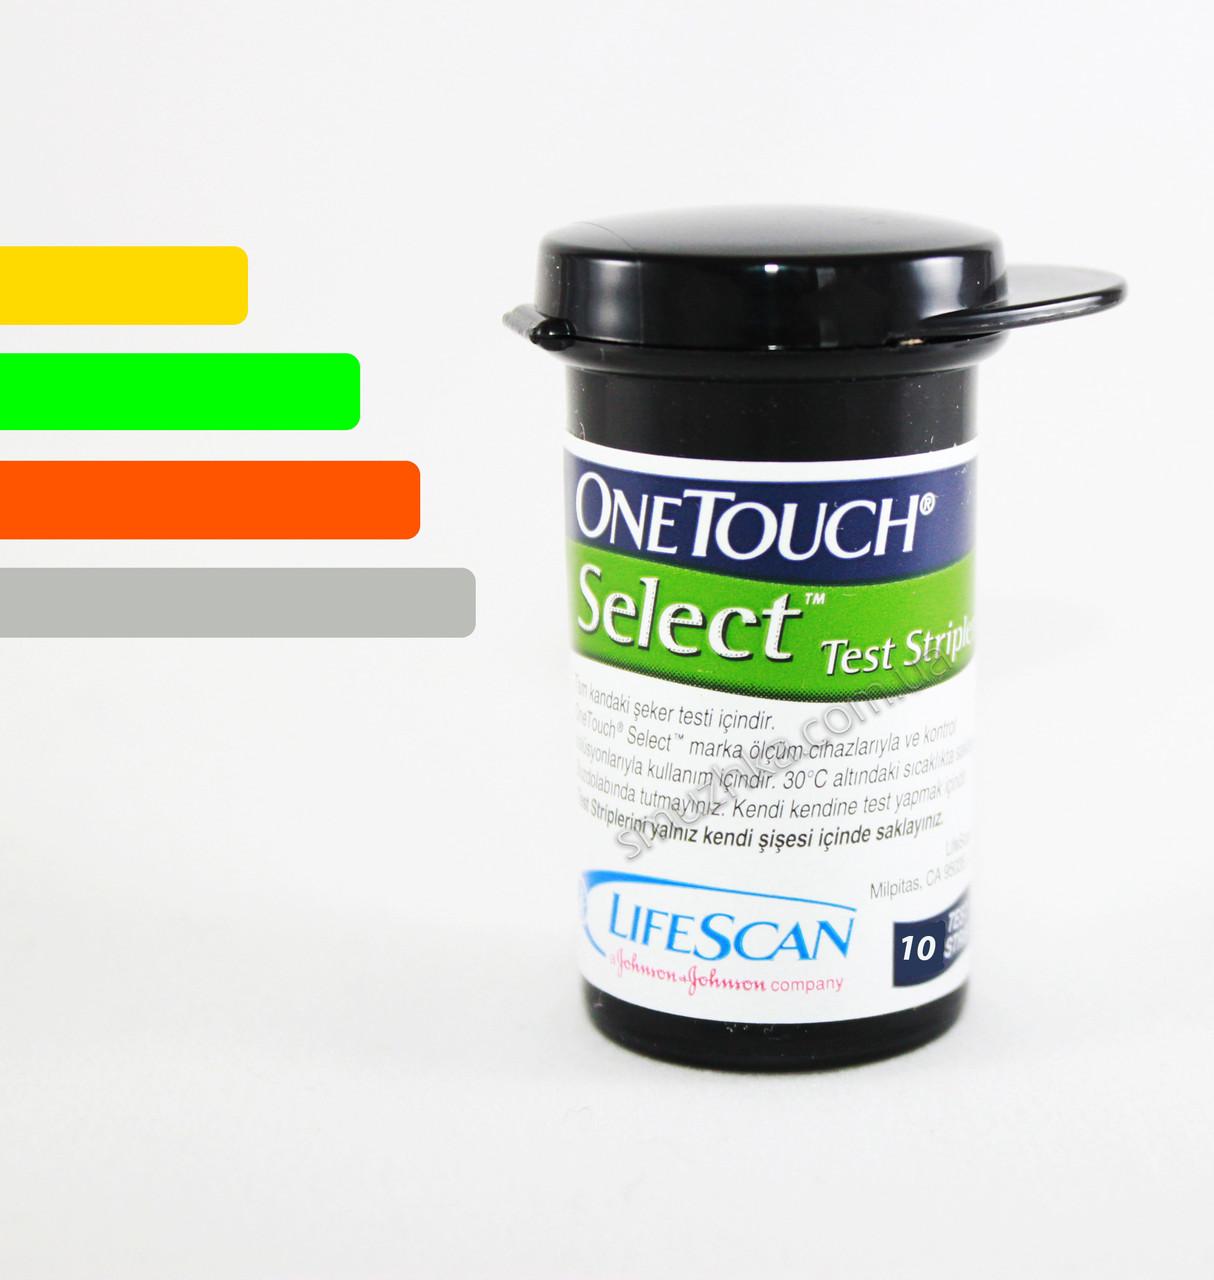 Тест-полоски One Touch Select LifeScan #10 - Ван Тач Селект #10 шт.